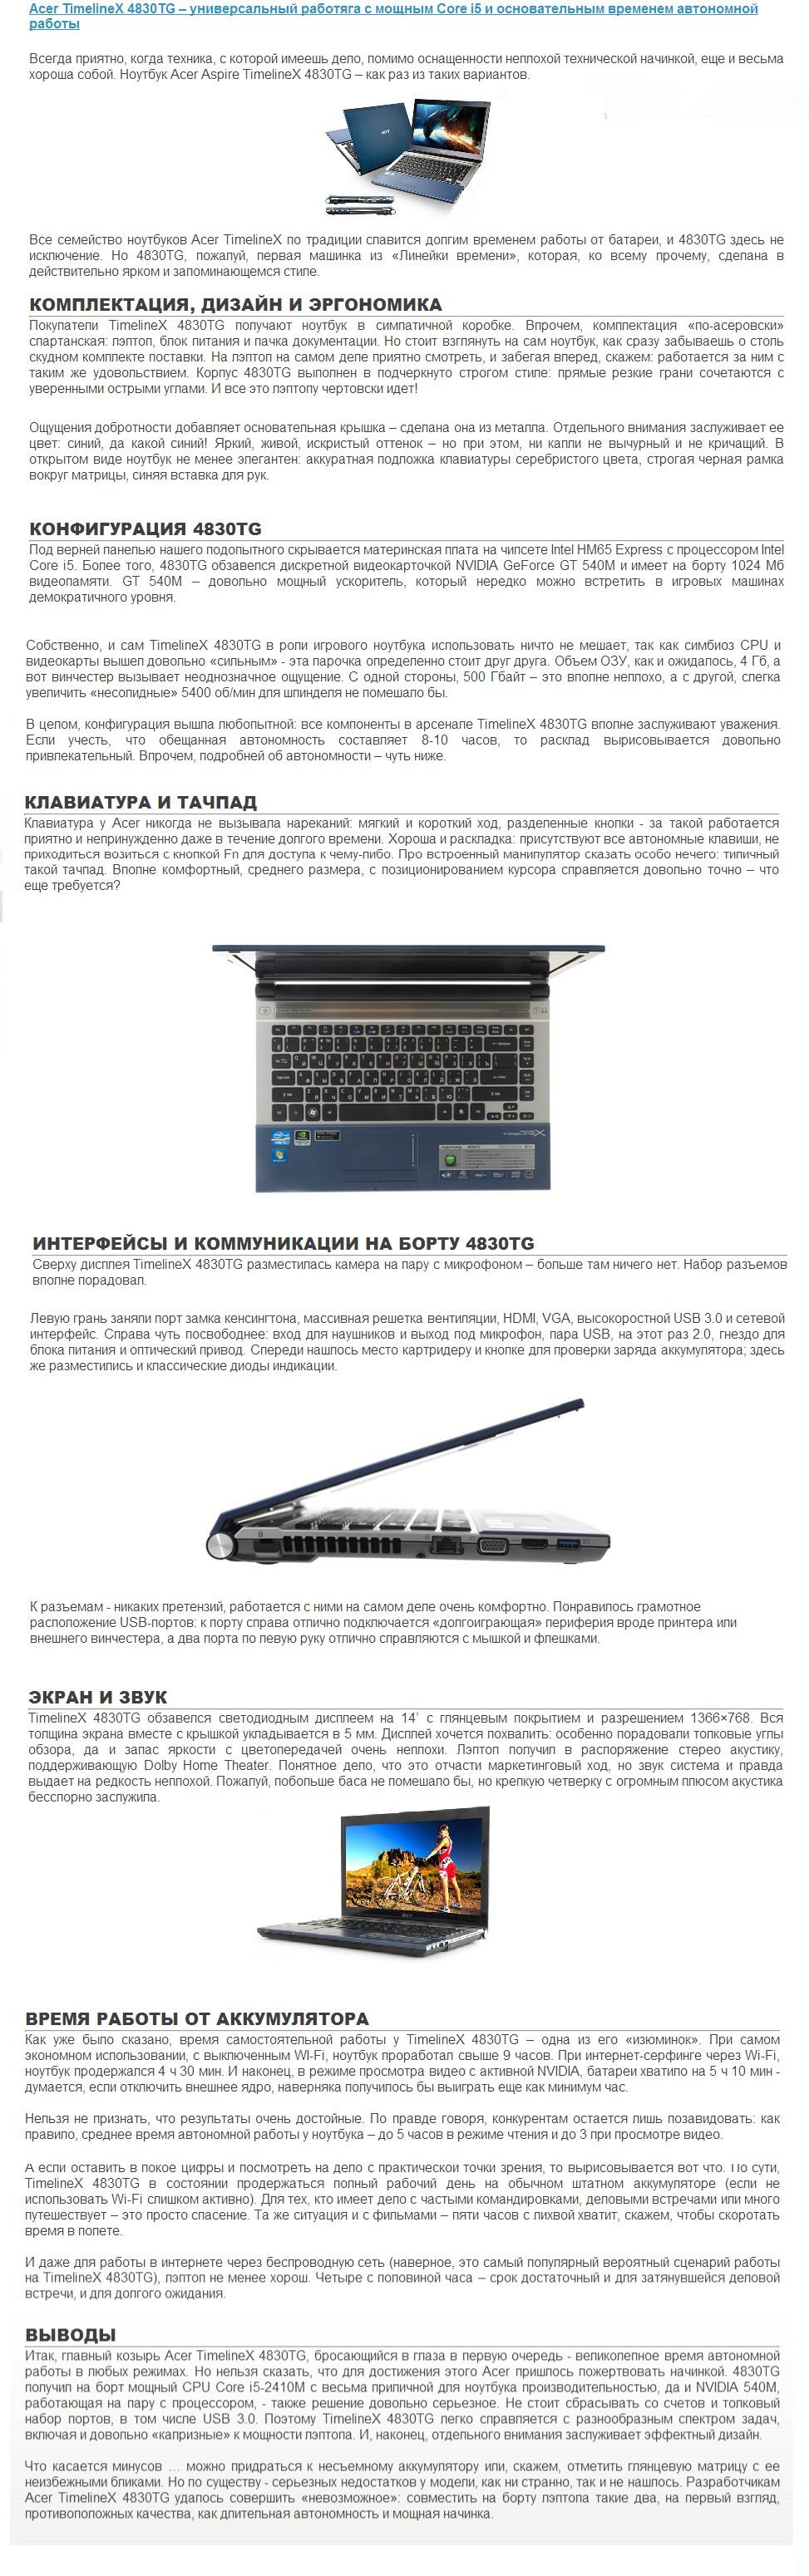 Универсальный работяга с мощным Core i5. Ноутбук Acer TimelineX